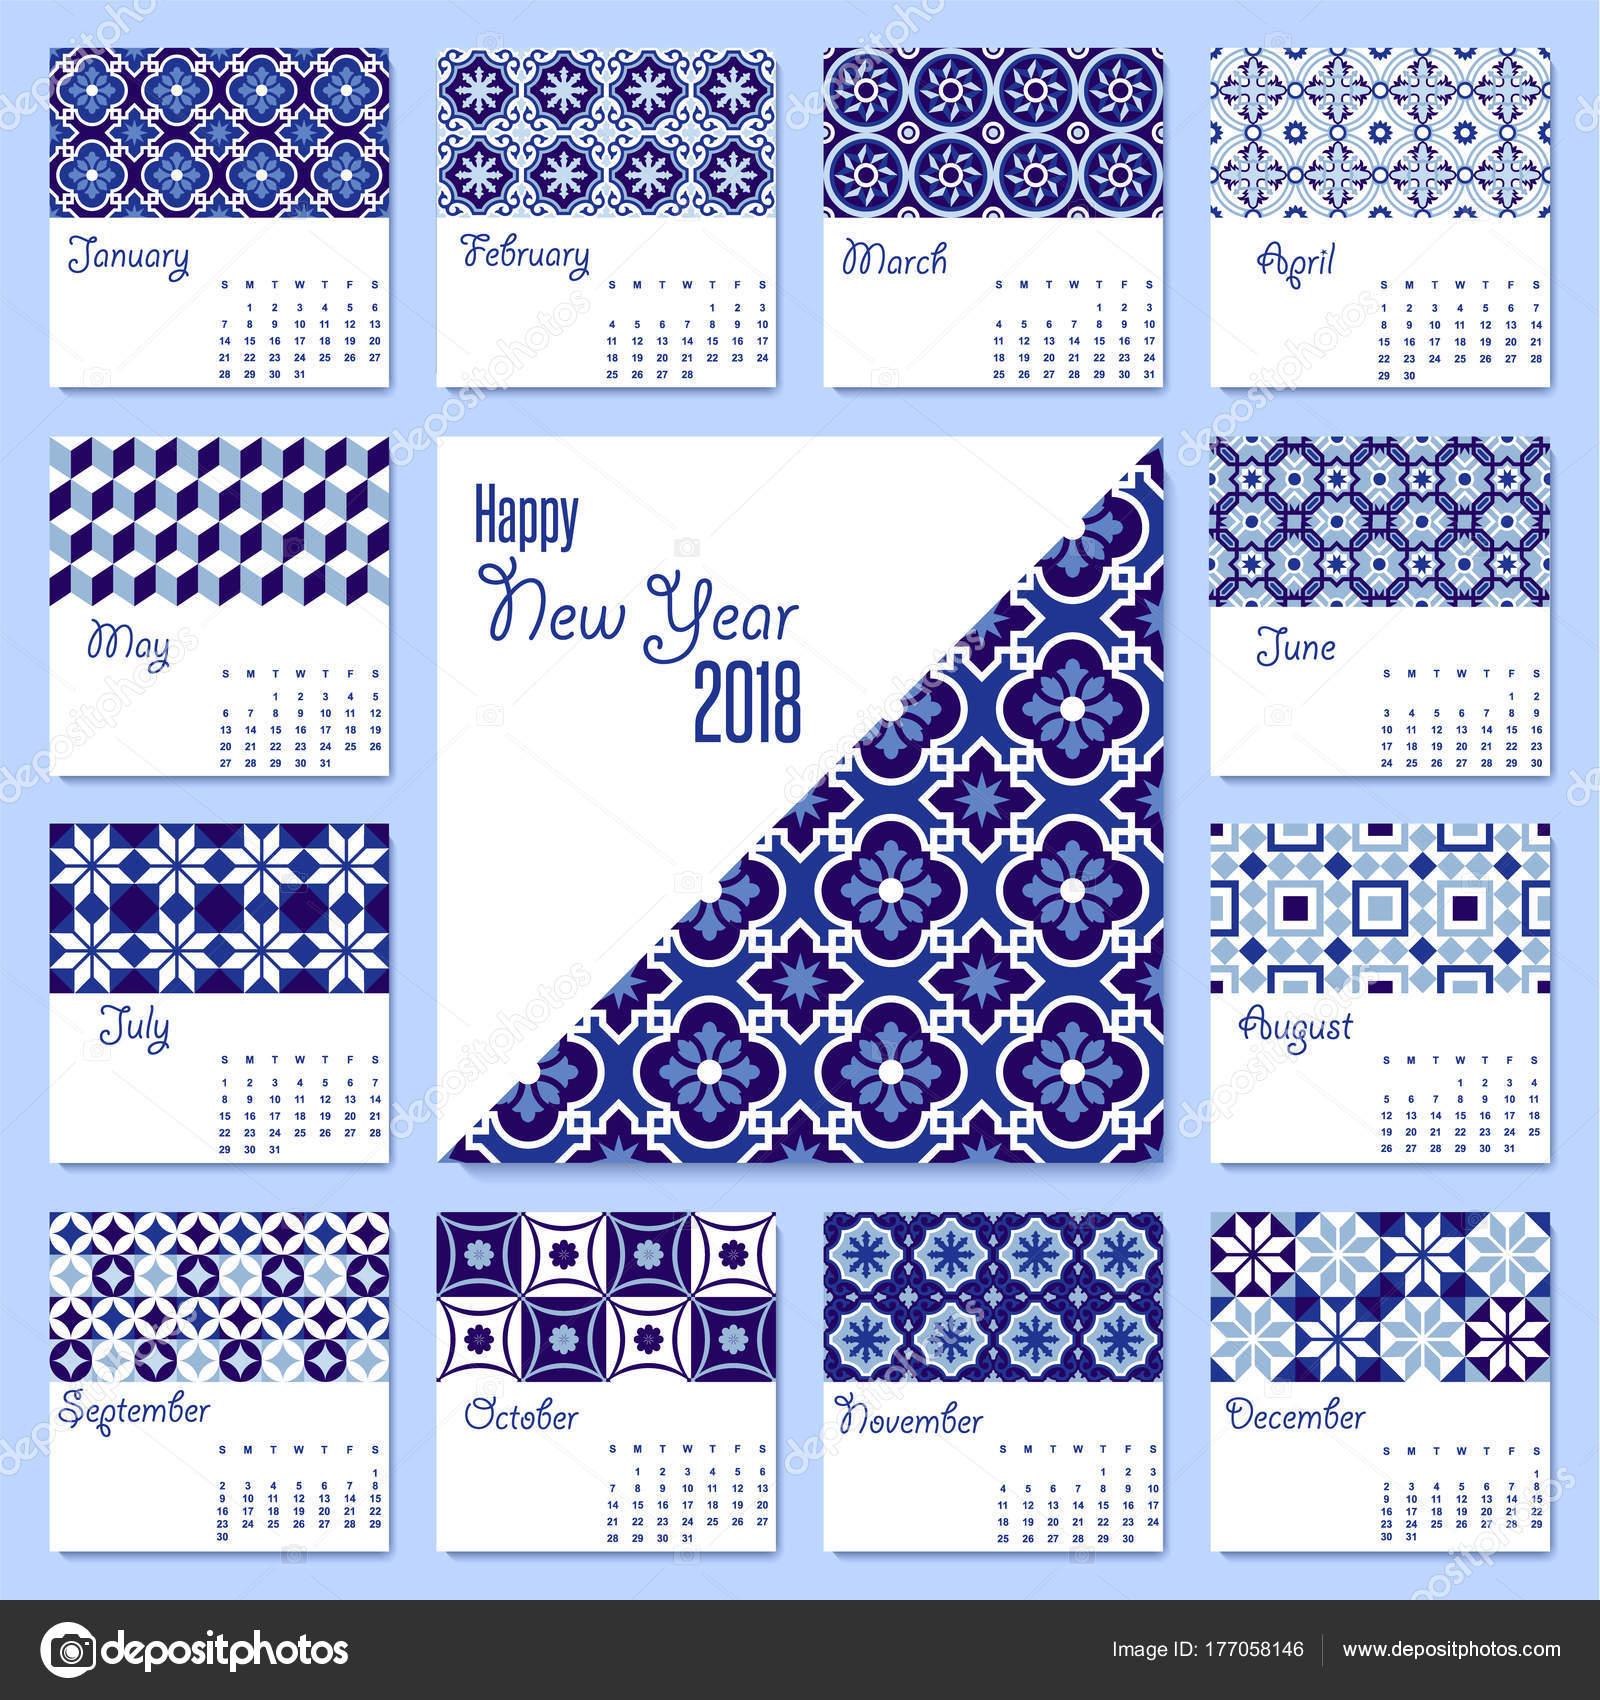 Plantilla de calendario de azulejo de mosaico azul año nuevo 2018 ...